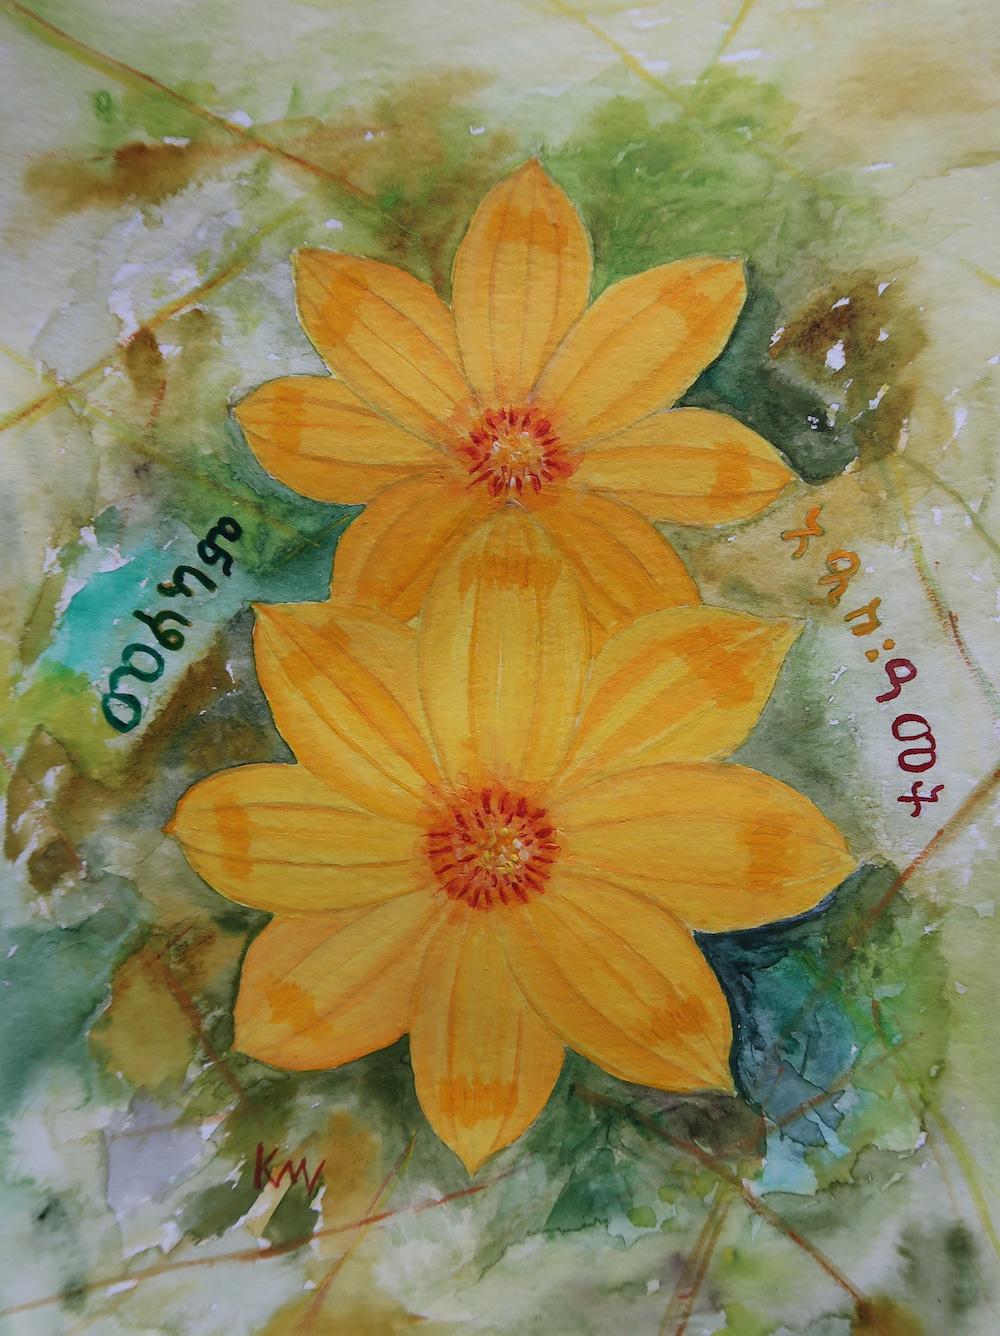 Äthiopien begrüsst das neue Jahr 2012